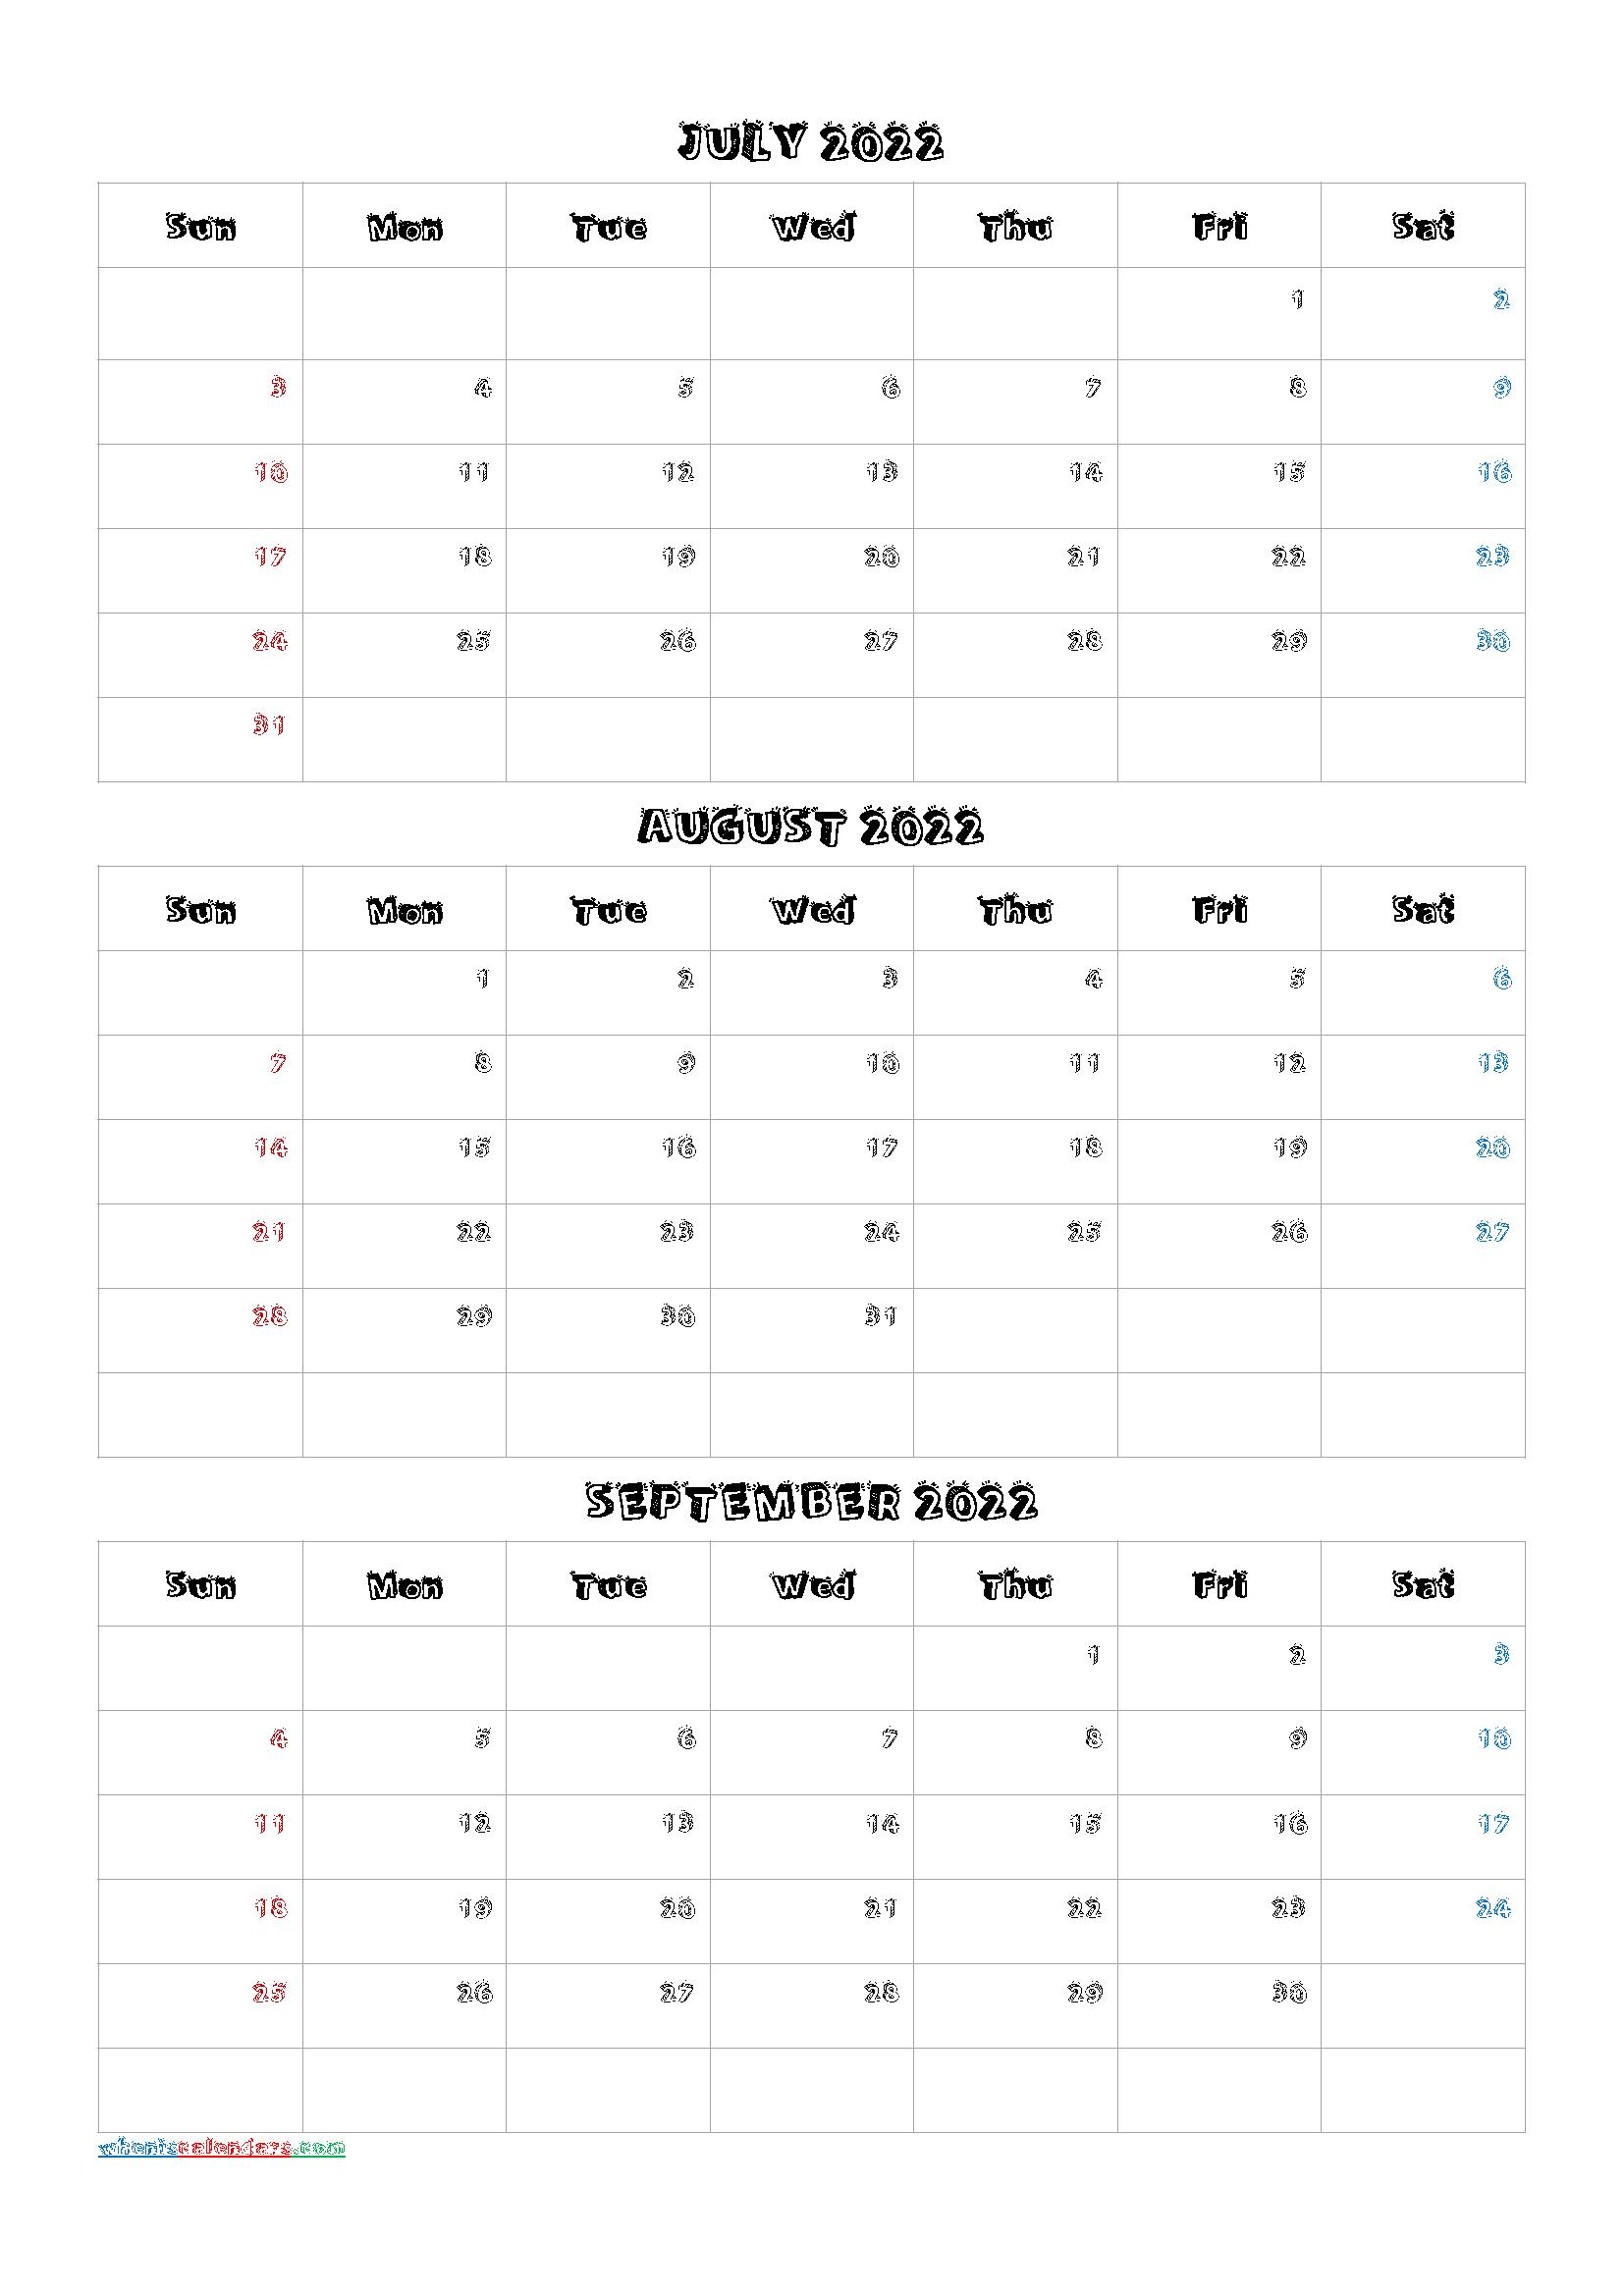 Printable Calendar July August 2022.July August September 2022 Calendar Printable Free Q1 Q2 Q3 Q4 Calendar Printables Printable Calendar July Monthly Calendar Printable